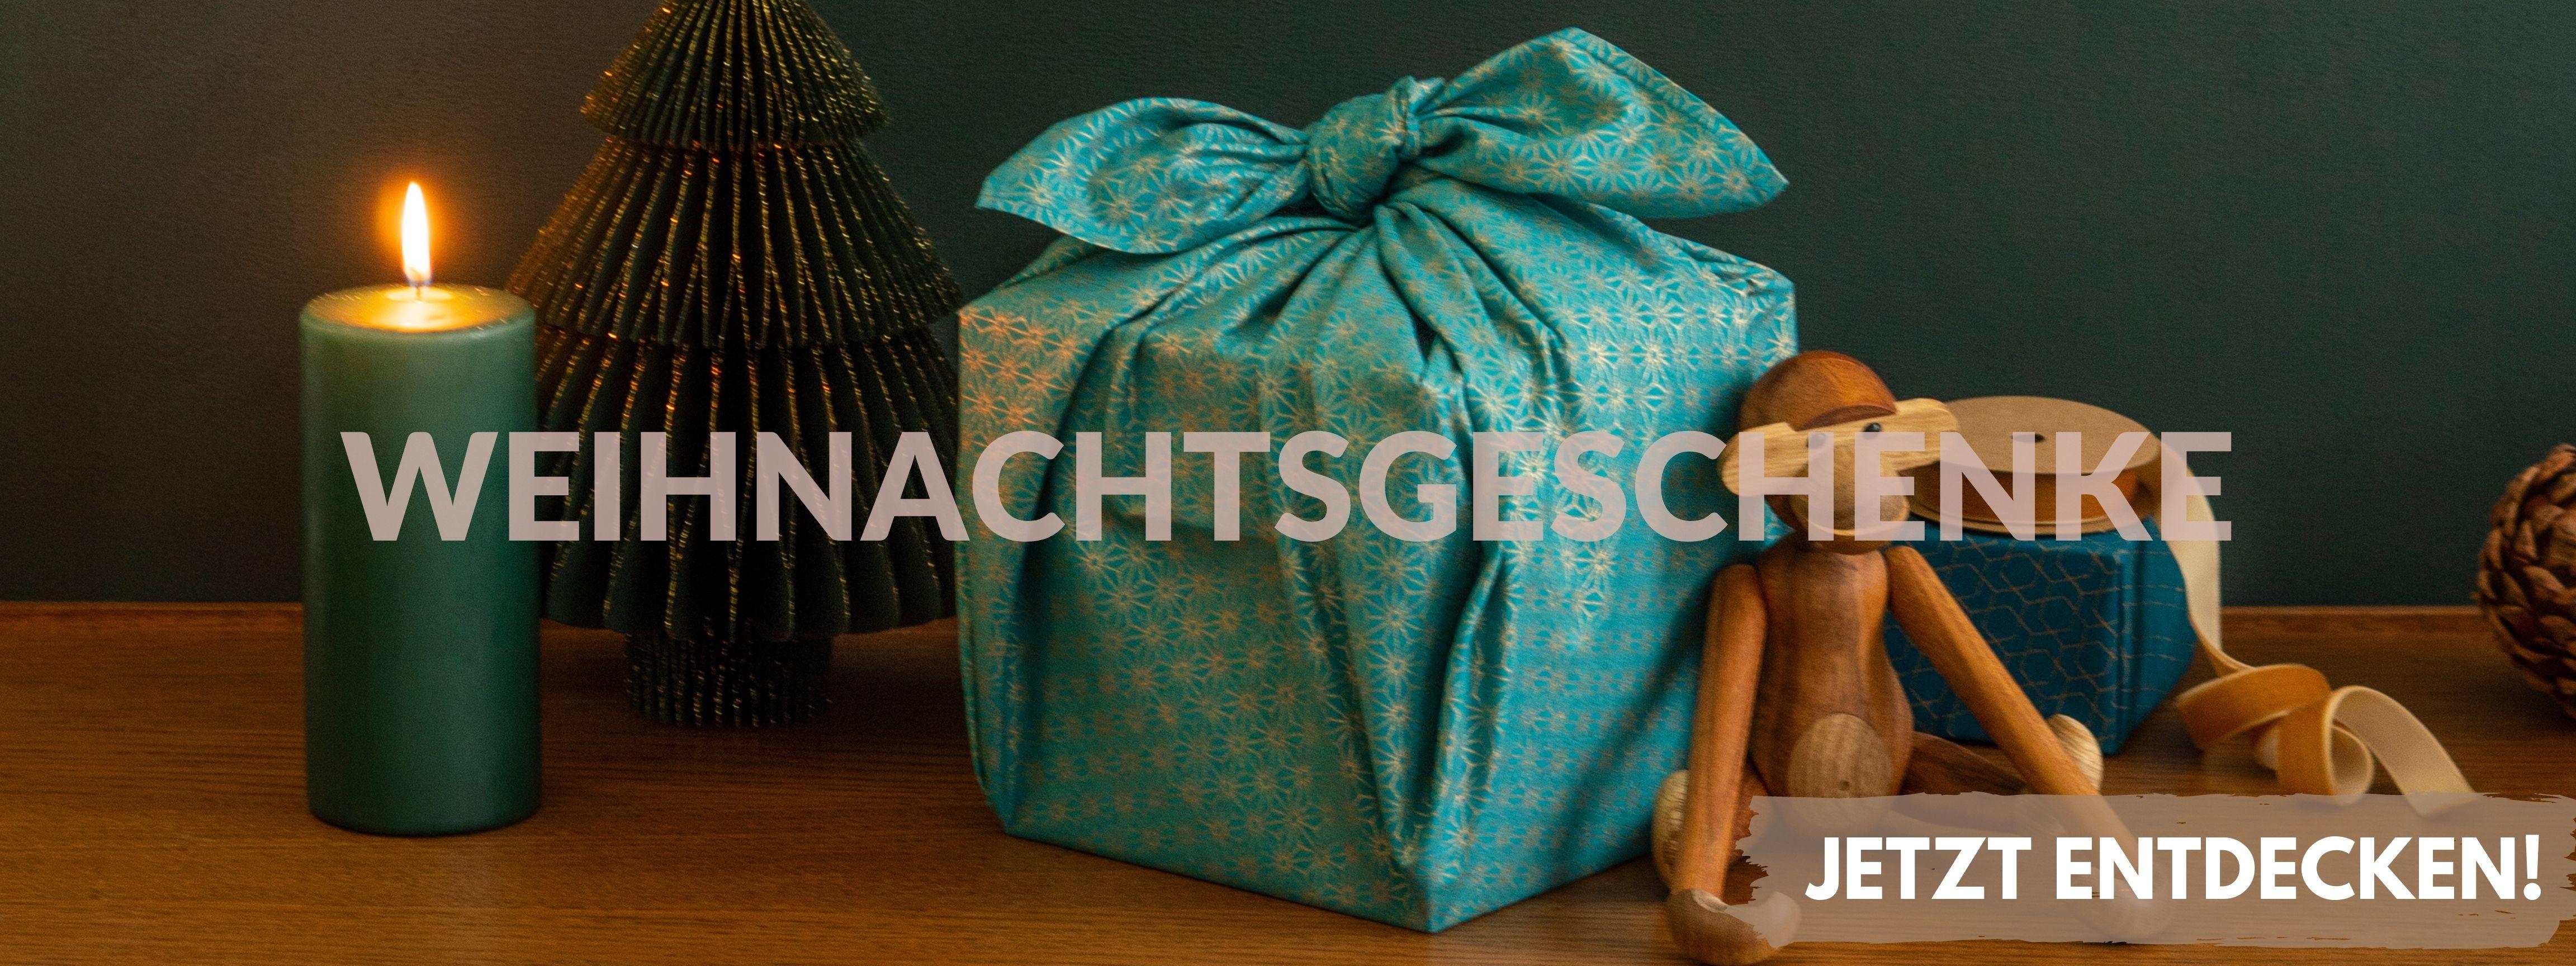 Weihnachtsgeschenke Ideen für Kunden, Mitarbeiter, Kollegen